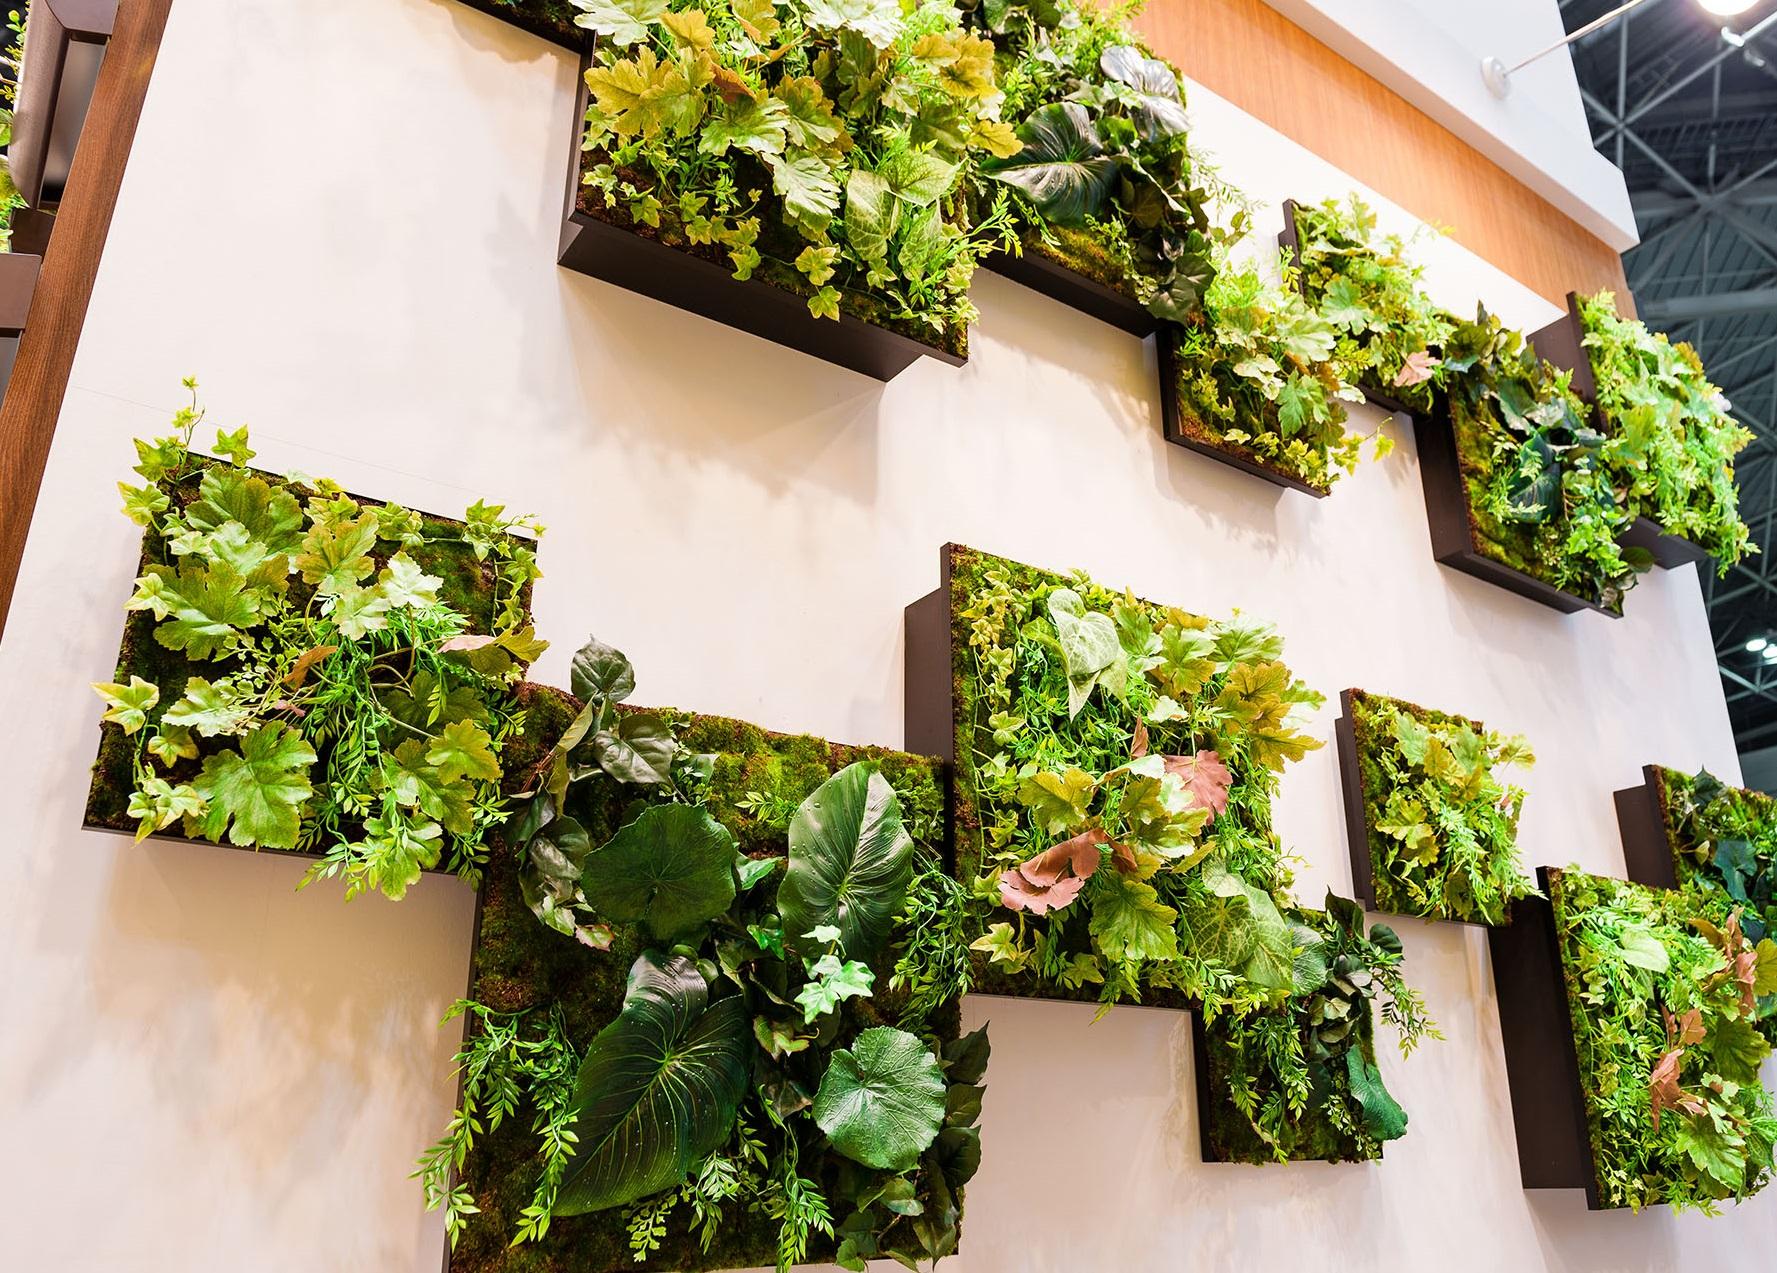 グリーンの色の濃淡と立体的な段差を楽しめます。木目と相性がいいので、上下を木調壁 にしました。ショッピングセンターや駅ビル、デパート、病院、ホールなど大型の壁 ...